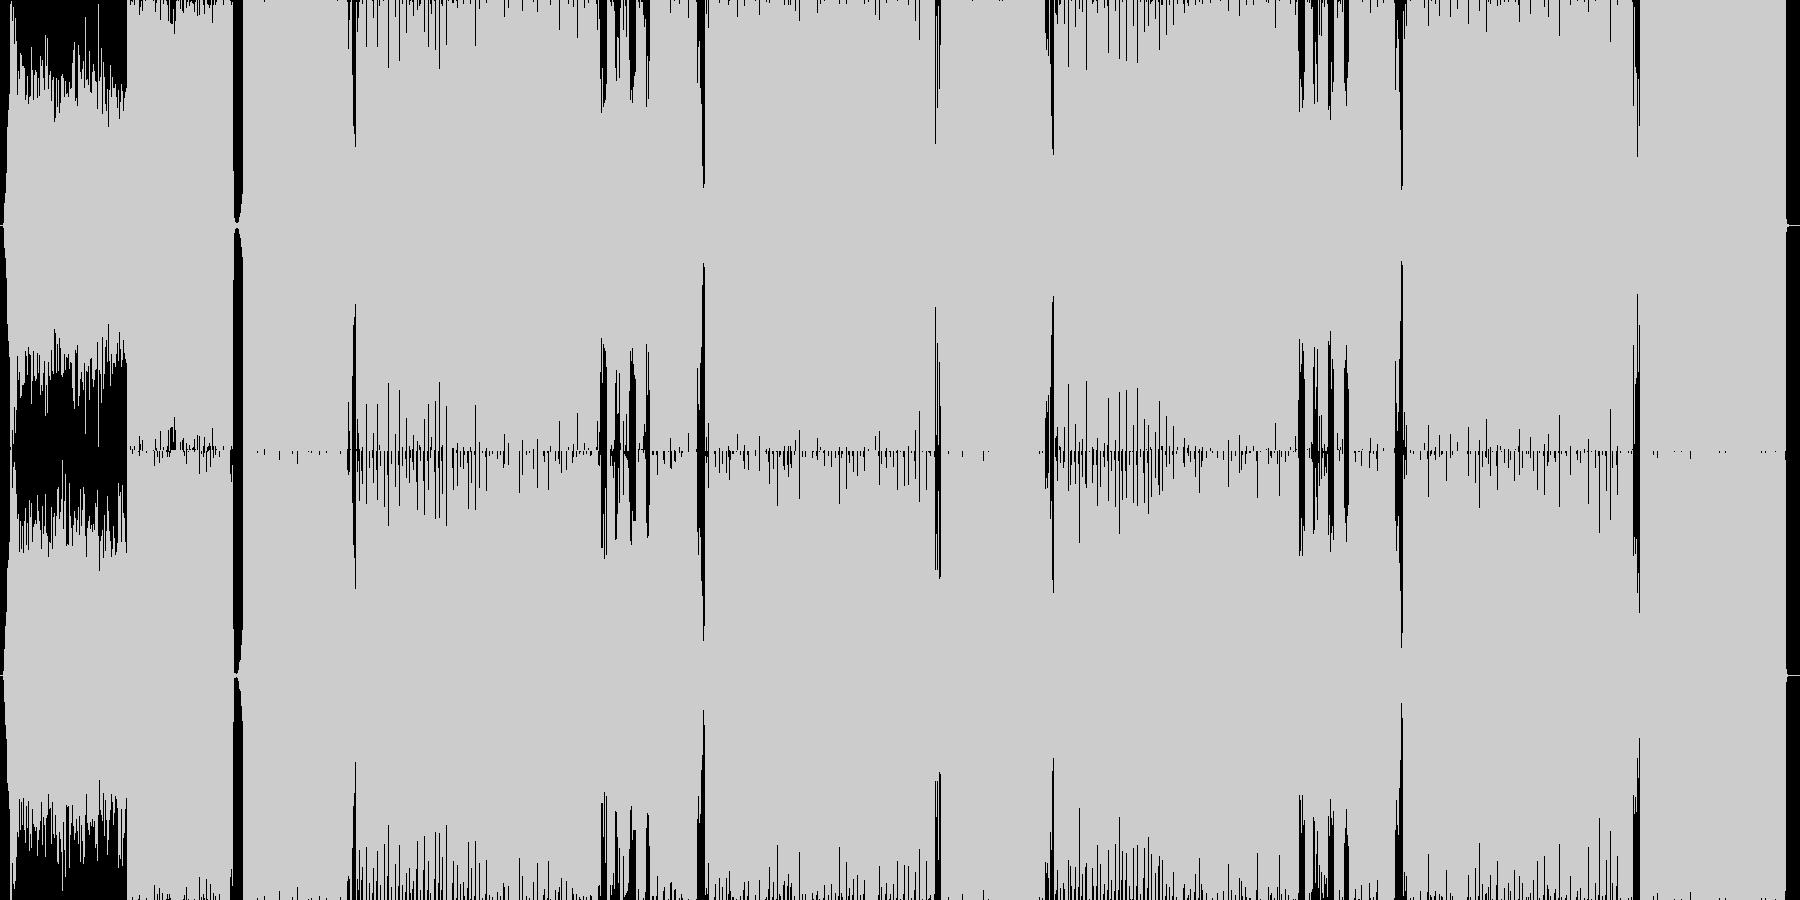 明るく可愛い、キラキラしたシンセの未再生の波形